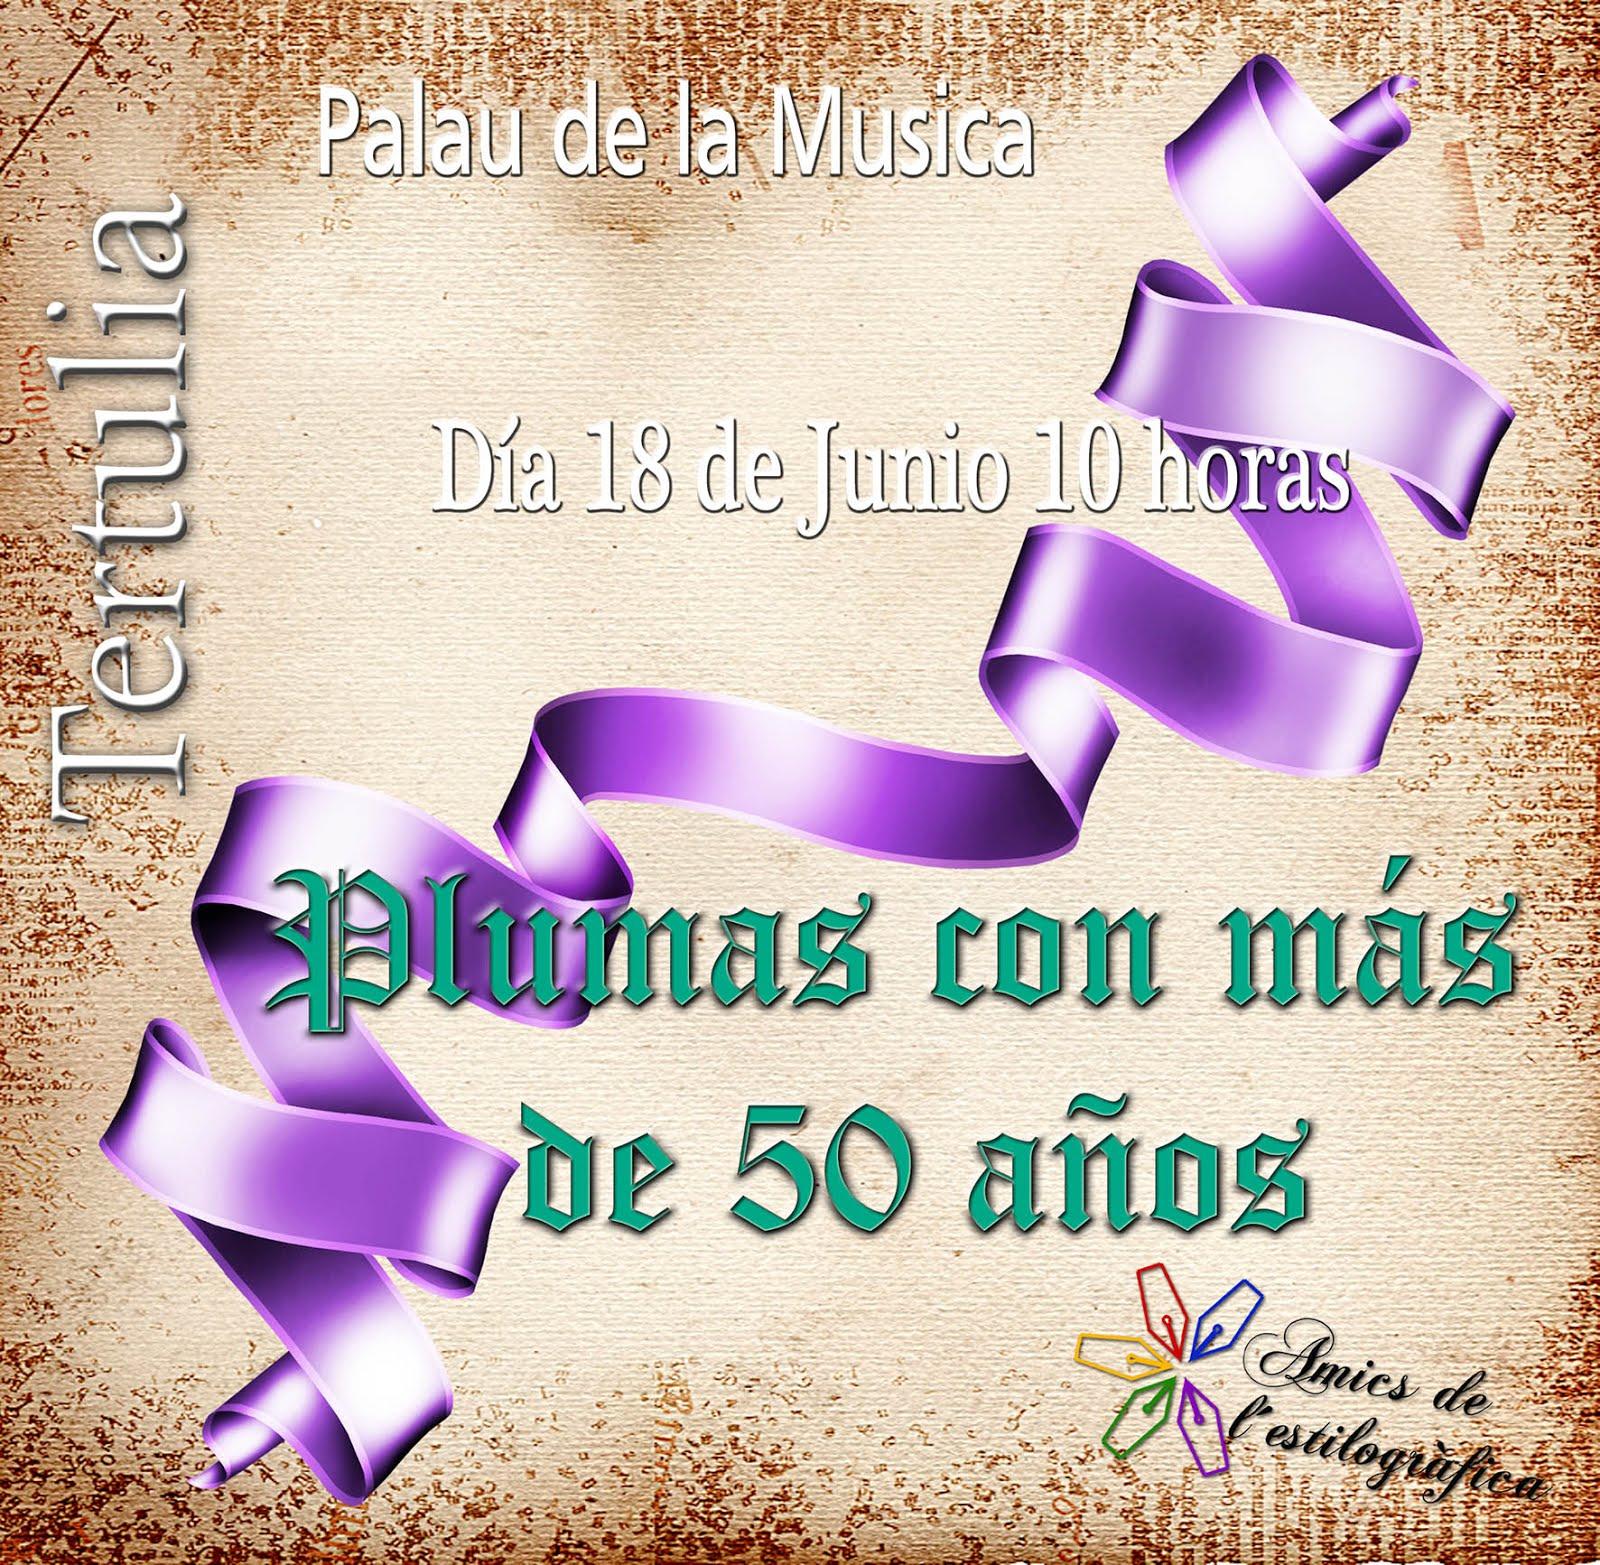 44 TERTULIA 18 DE JUNIO (PLUMAS CON MAS DE 50 AÑOS)